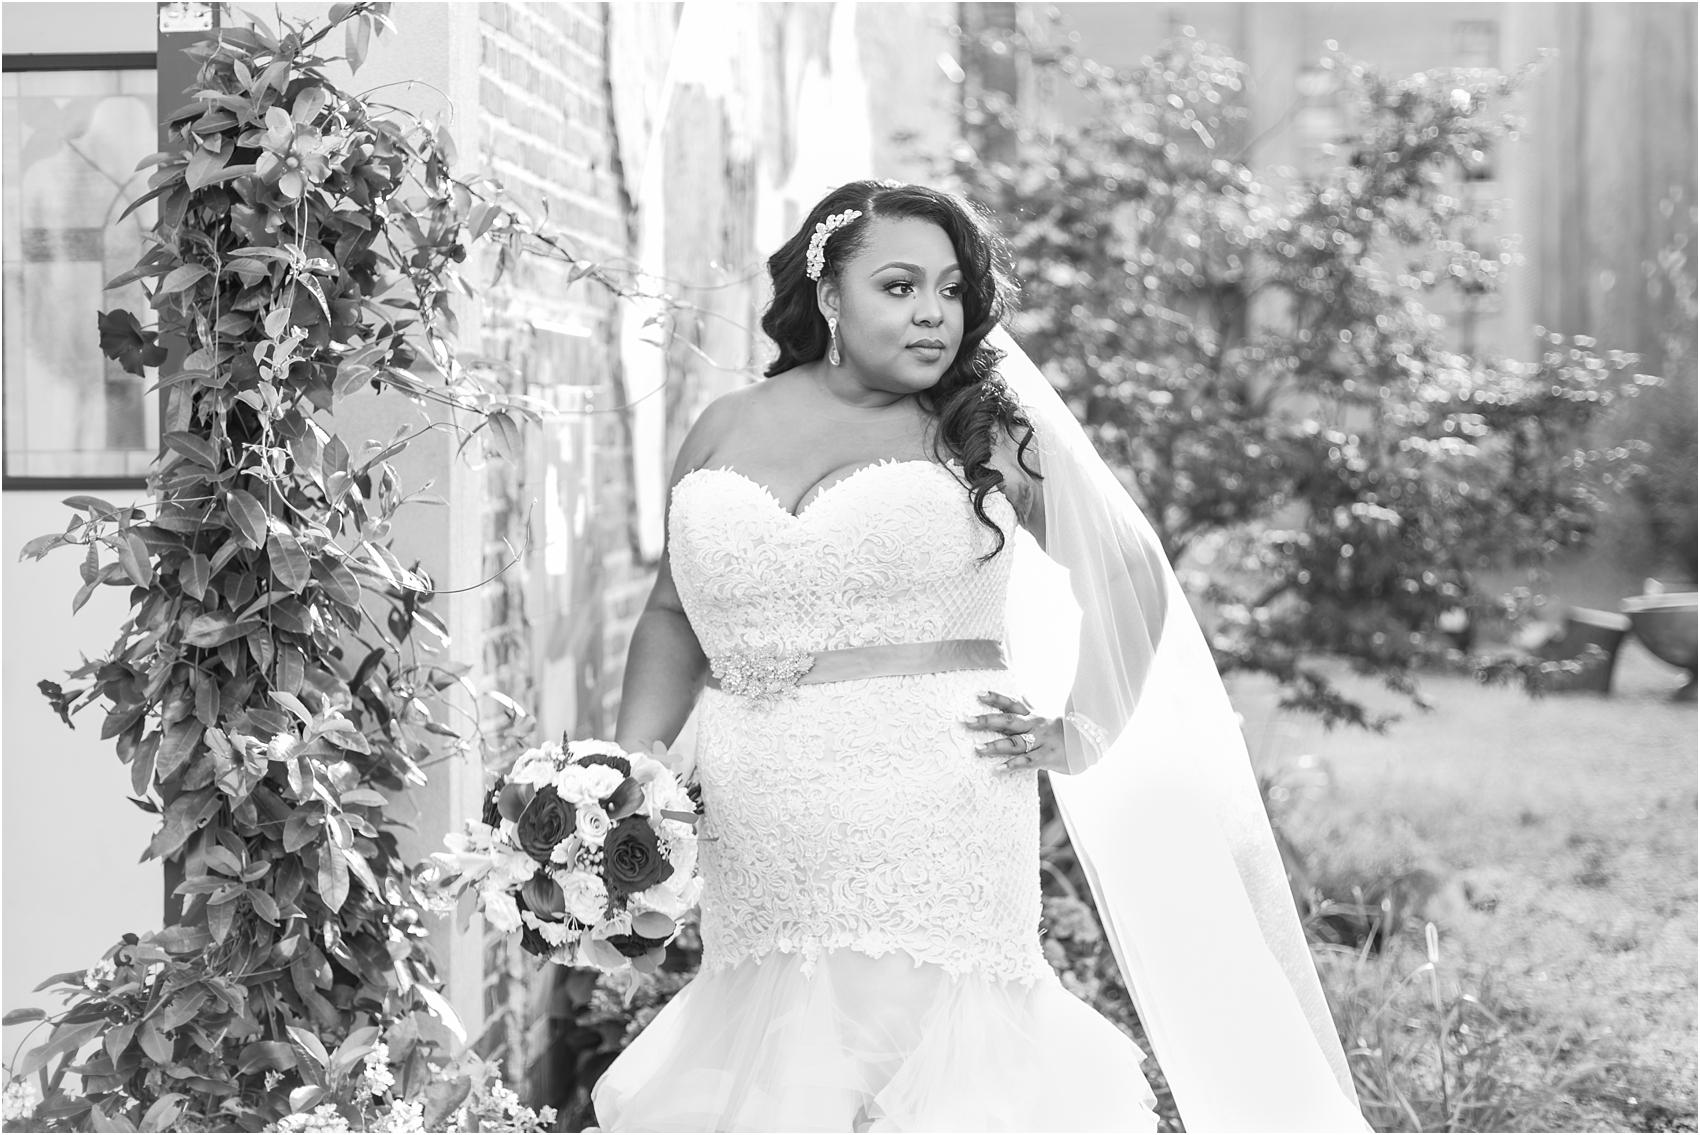 minimalist-and-modern-wedding-photos-at-30-north-saginaw-in-pontiac-michigan-by-courtney-carolyn-photography_0067.jpg